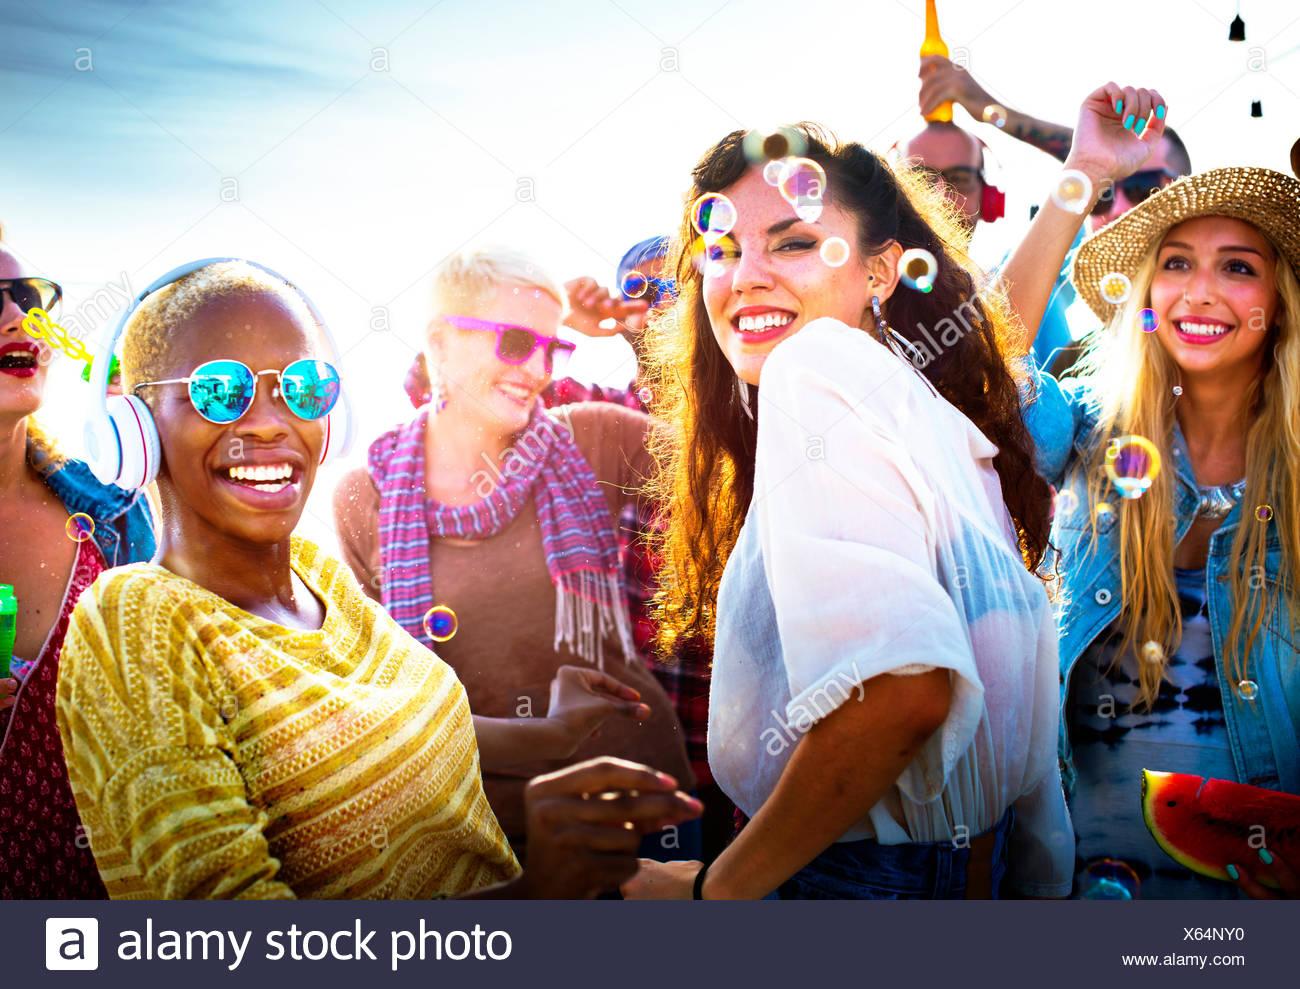 Diversidad de Beach Party el concepto de celebración de baile Imagen De Stock